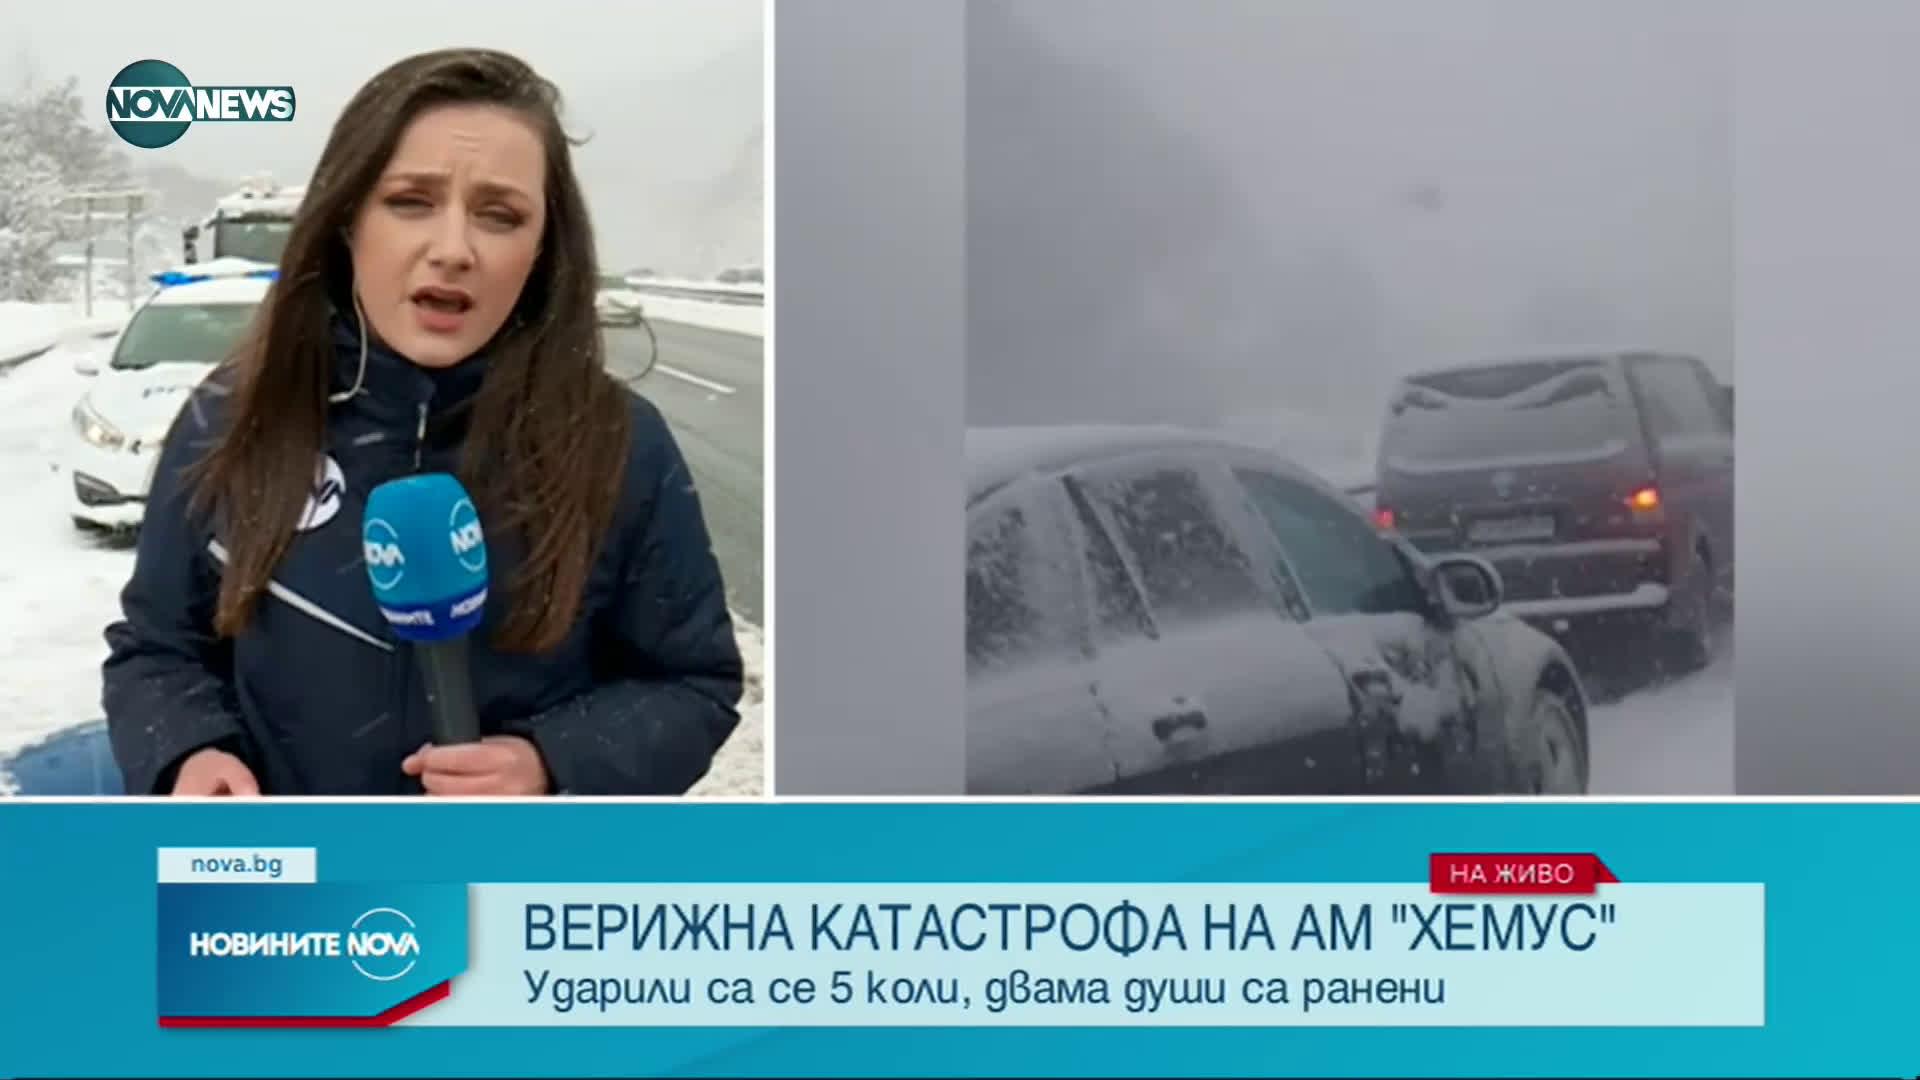 """Тежка катастрофа с 5 коли на АМ """"Хемус"""", има пострадали (ВИДЕО)"""